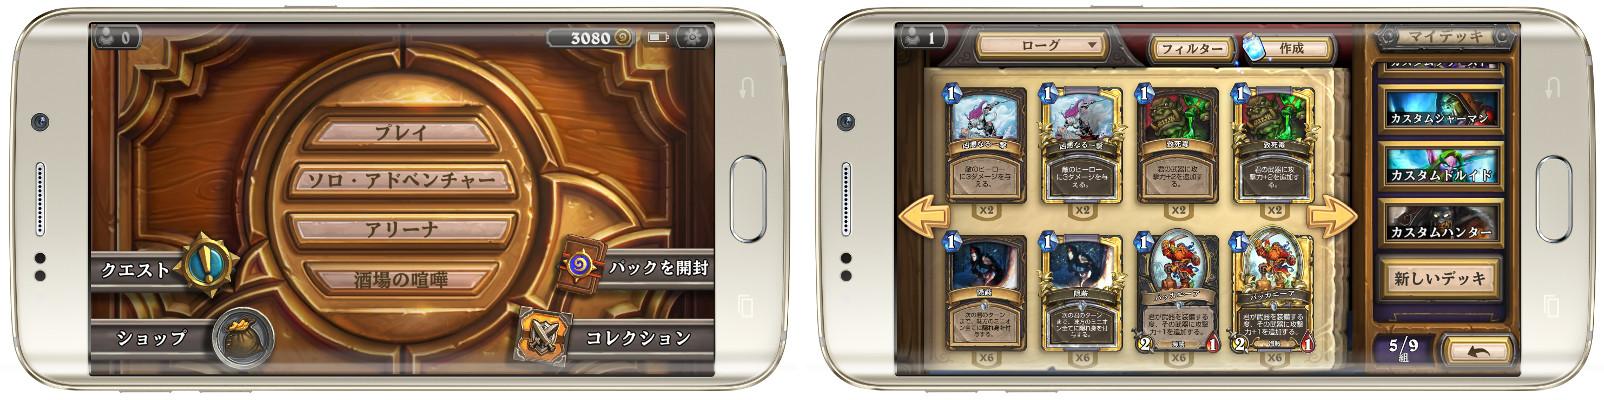 『ハースストーン』日本語版が配信開始! 奥深い戦略性のストラテジーカードバトル!!